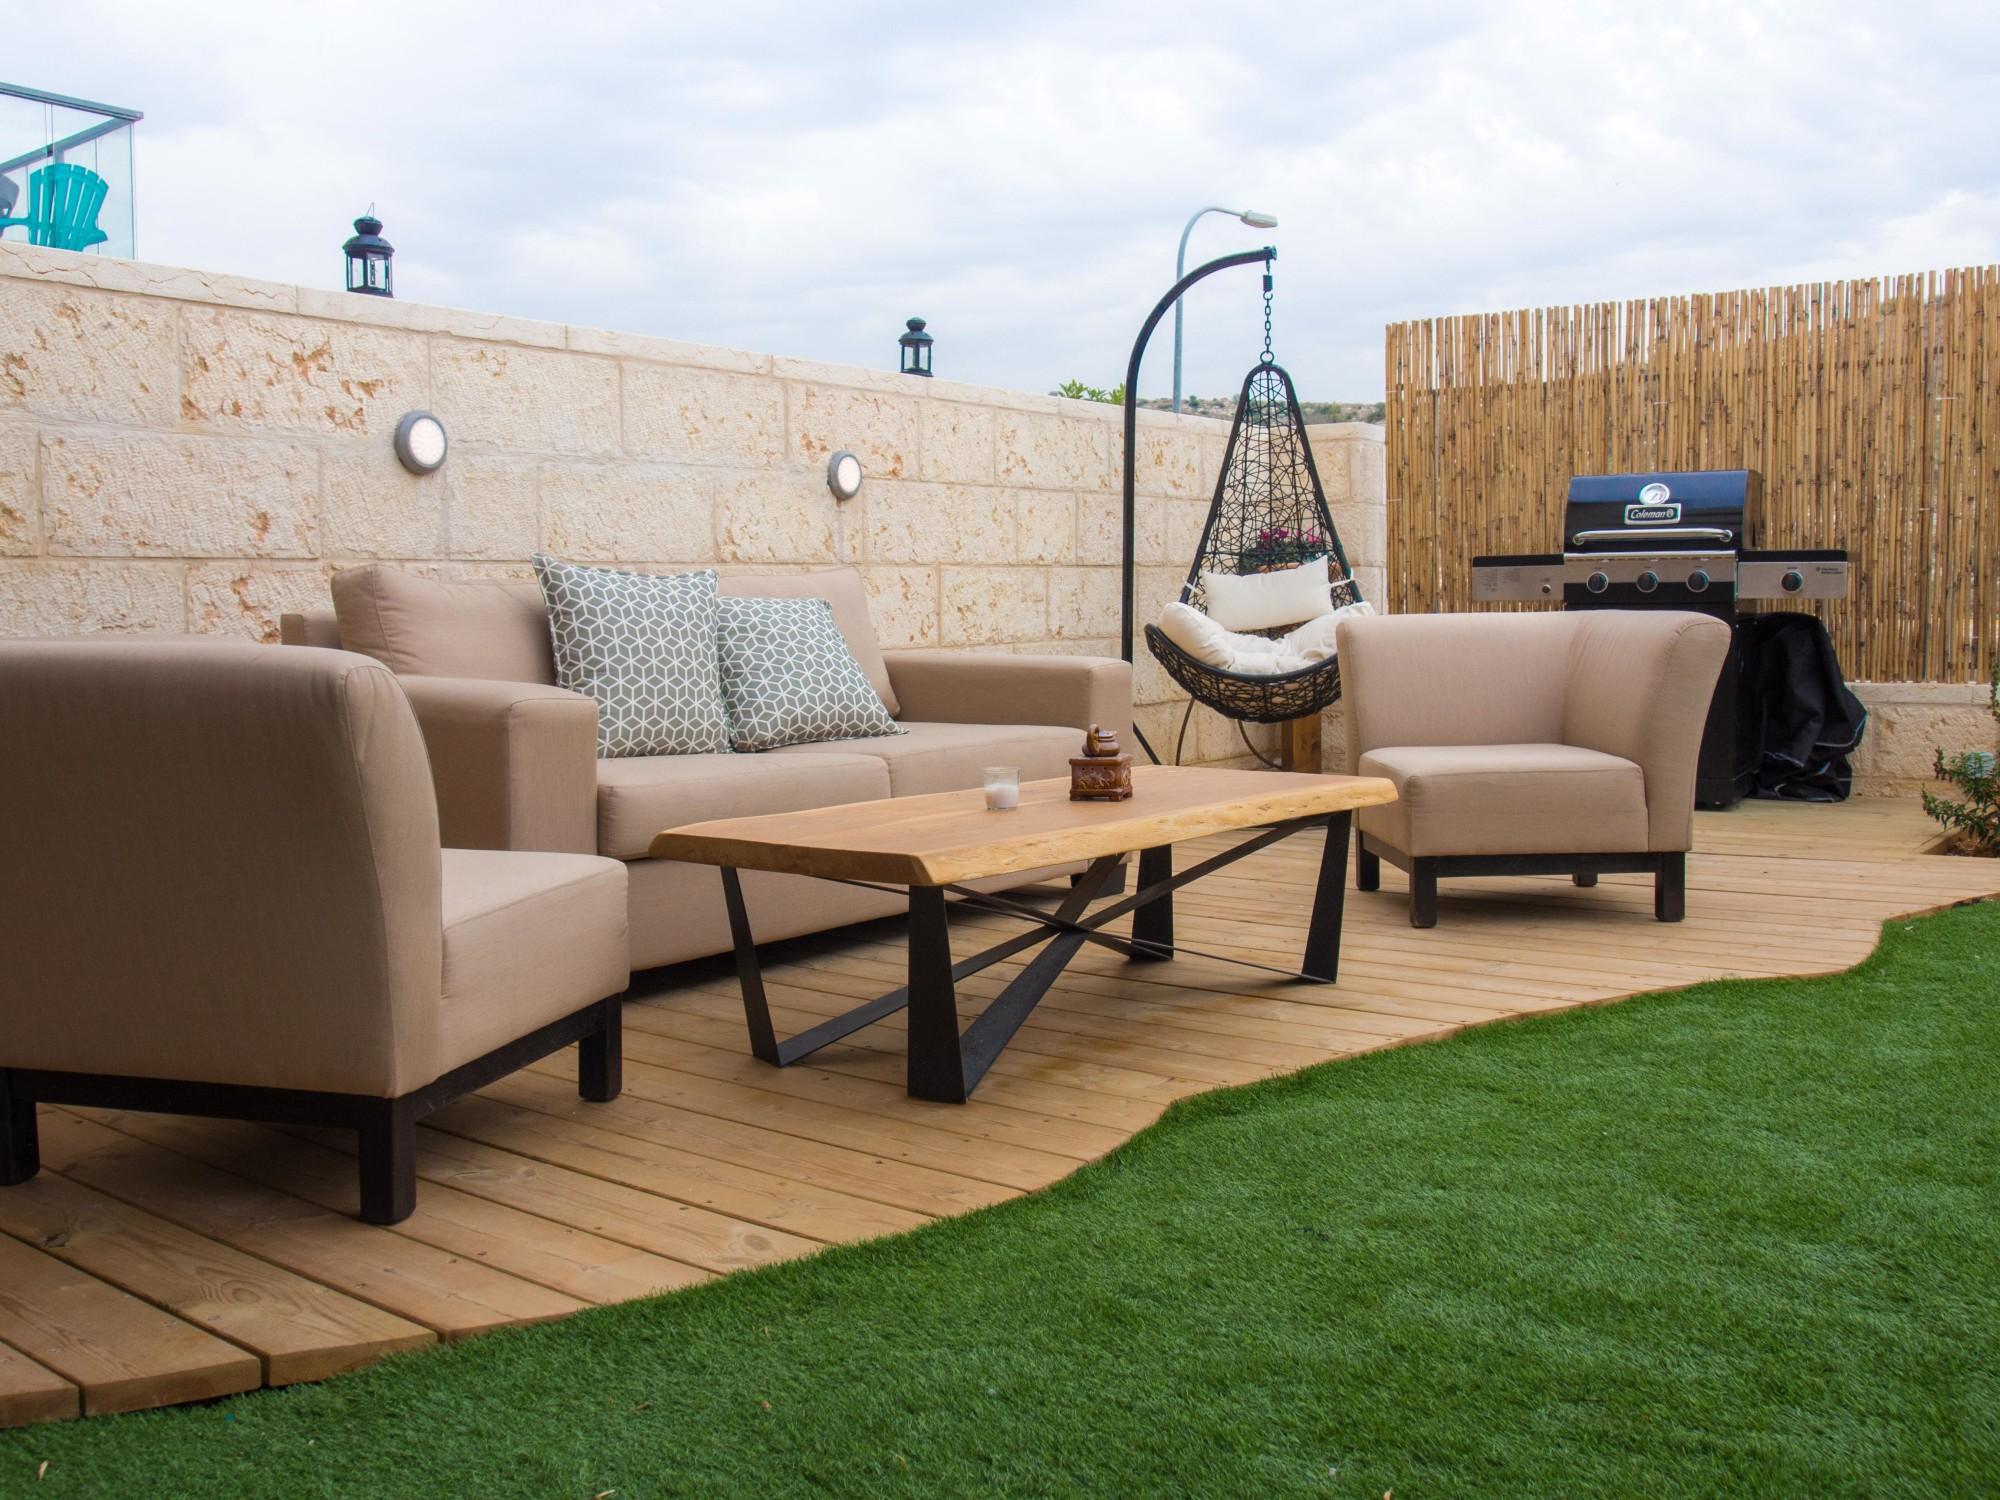 פינת ישיבה בגינה המונחת על דק עץ בהיר כהמשך לצבעוניות הבית